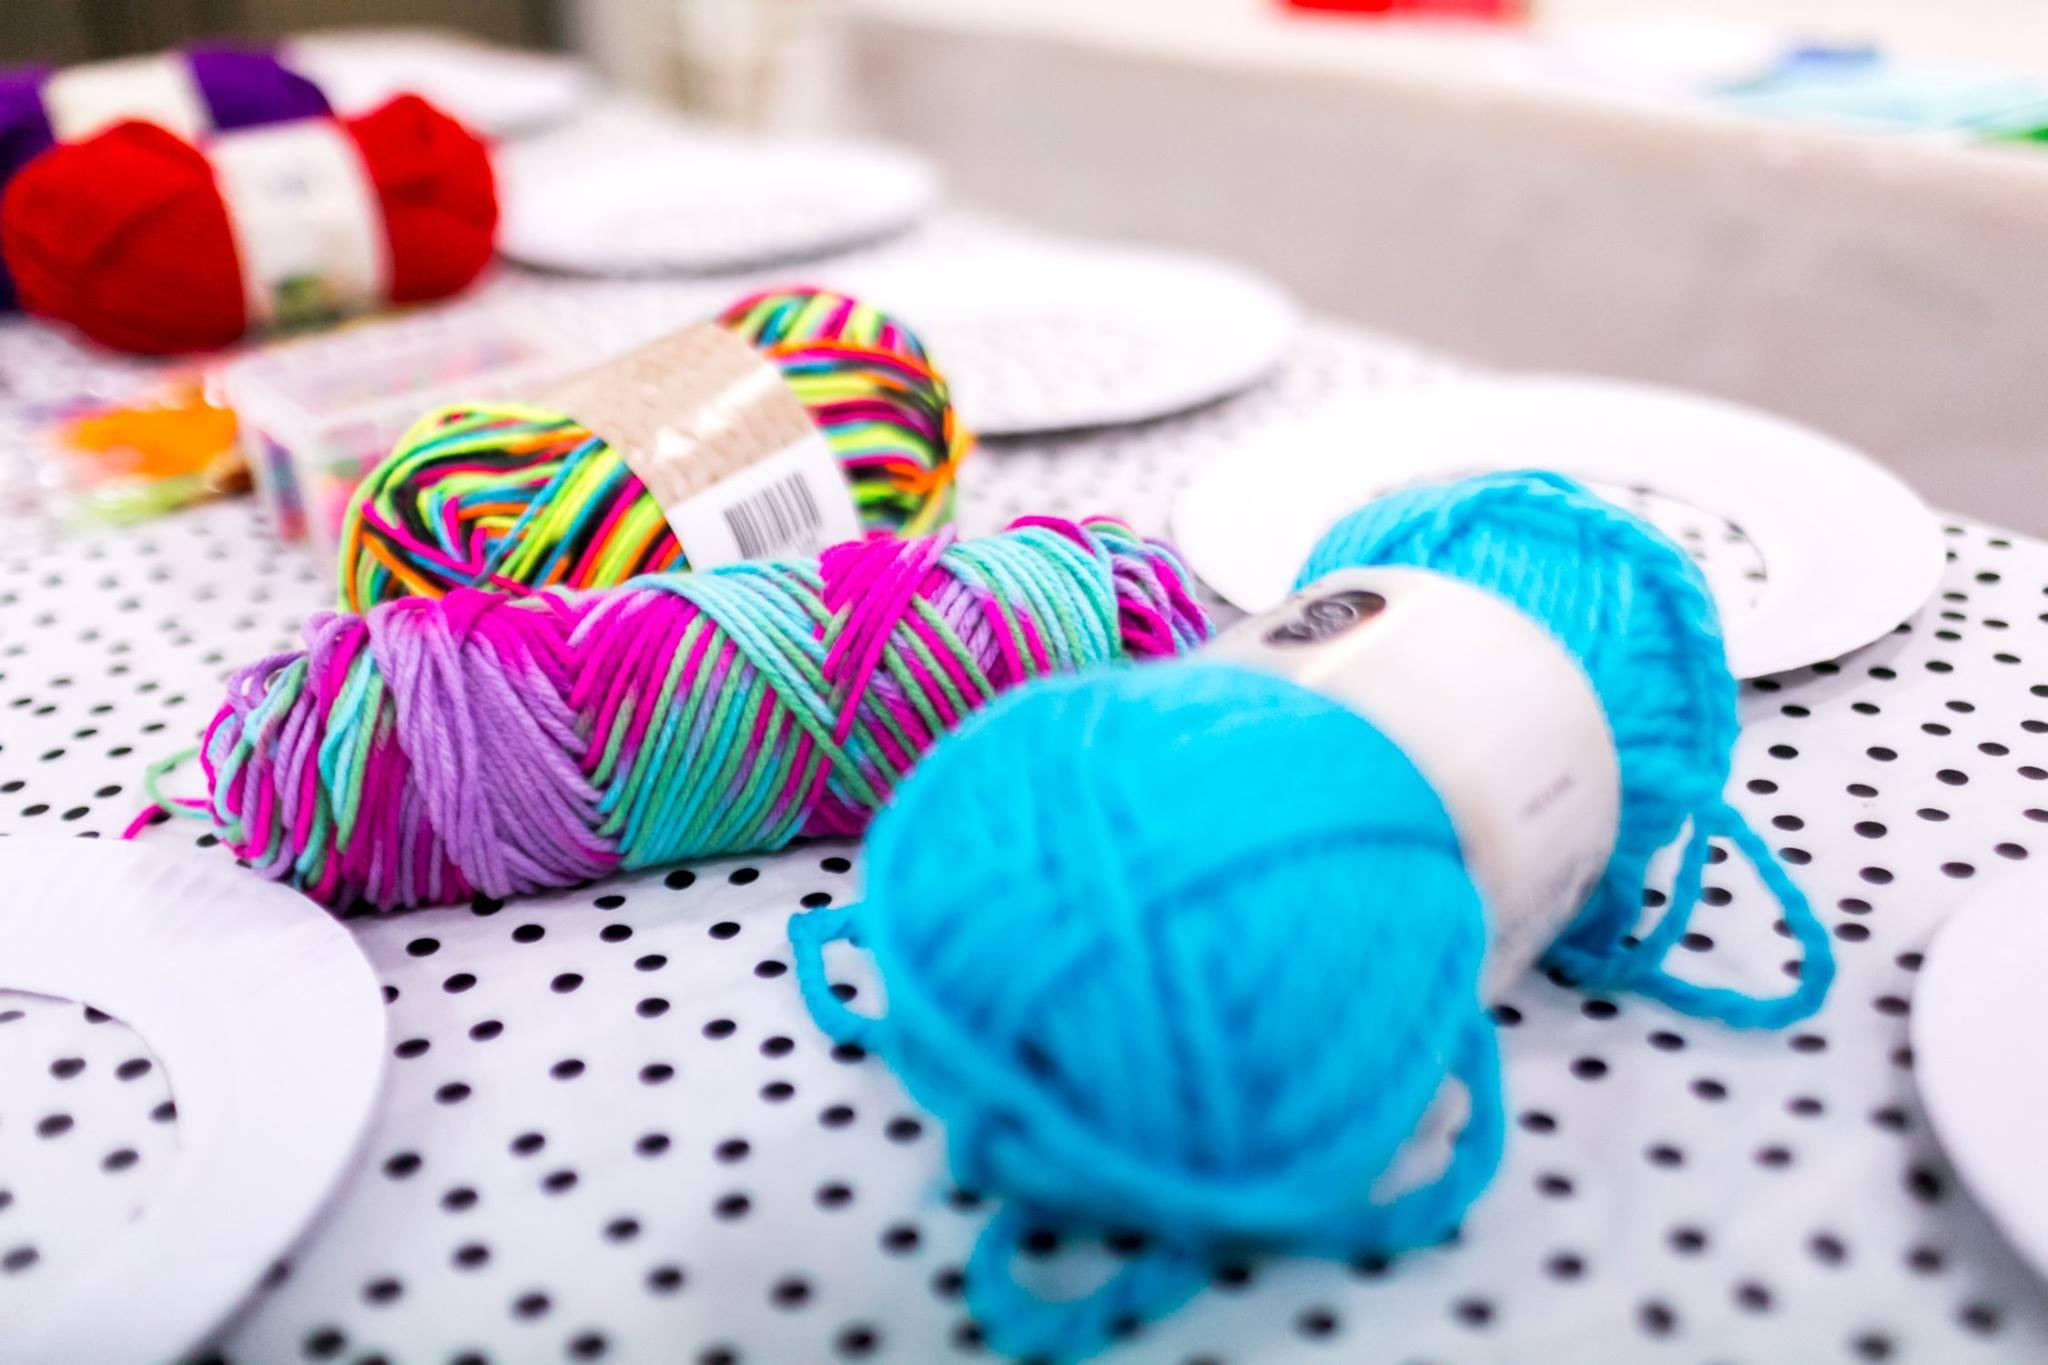 Wool set up for the kids' dreamcatcher workshop